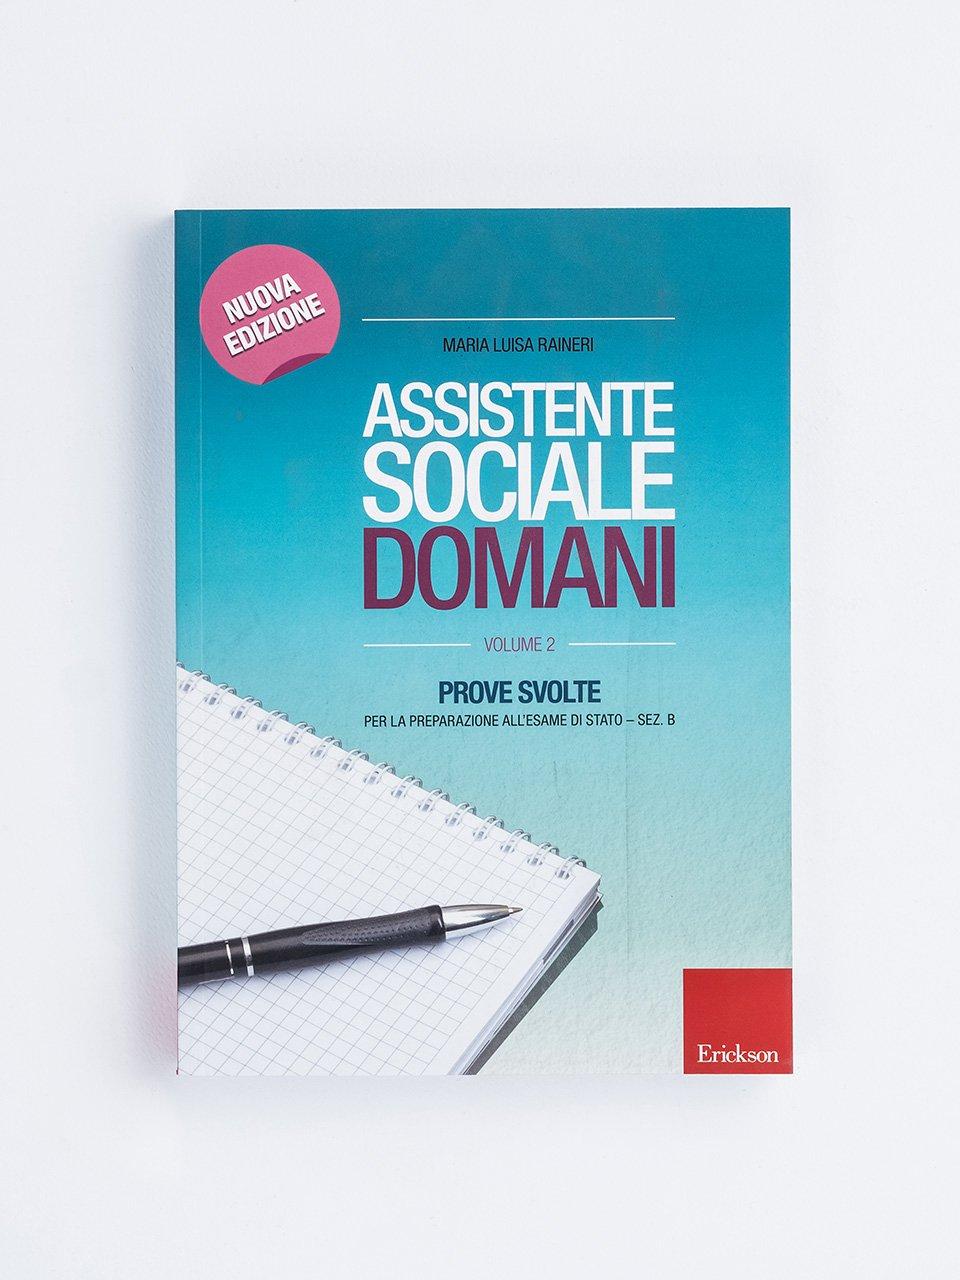 Assistente sociale domani - Volume 2 - Sostenere mamme fragili - Erickson